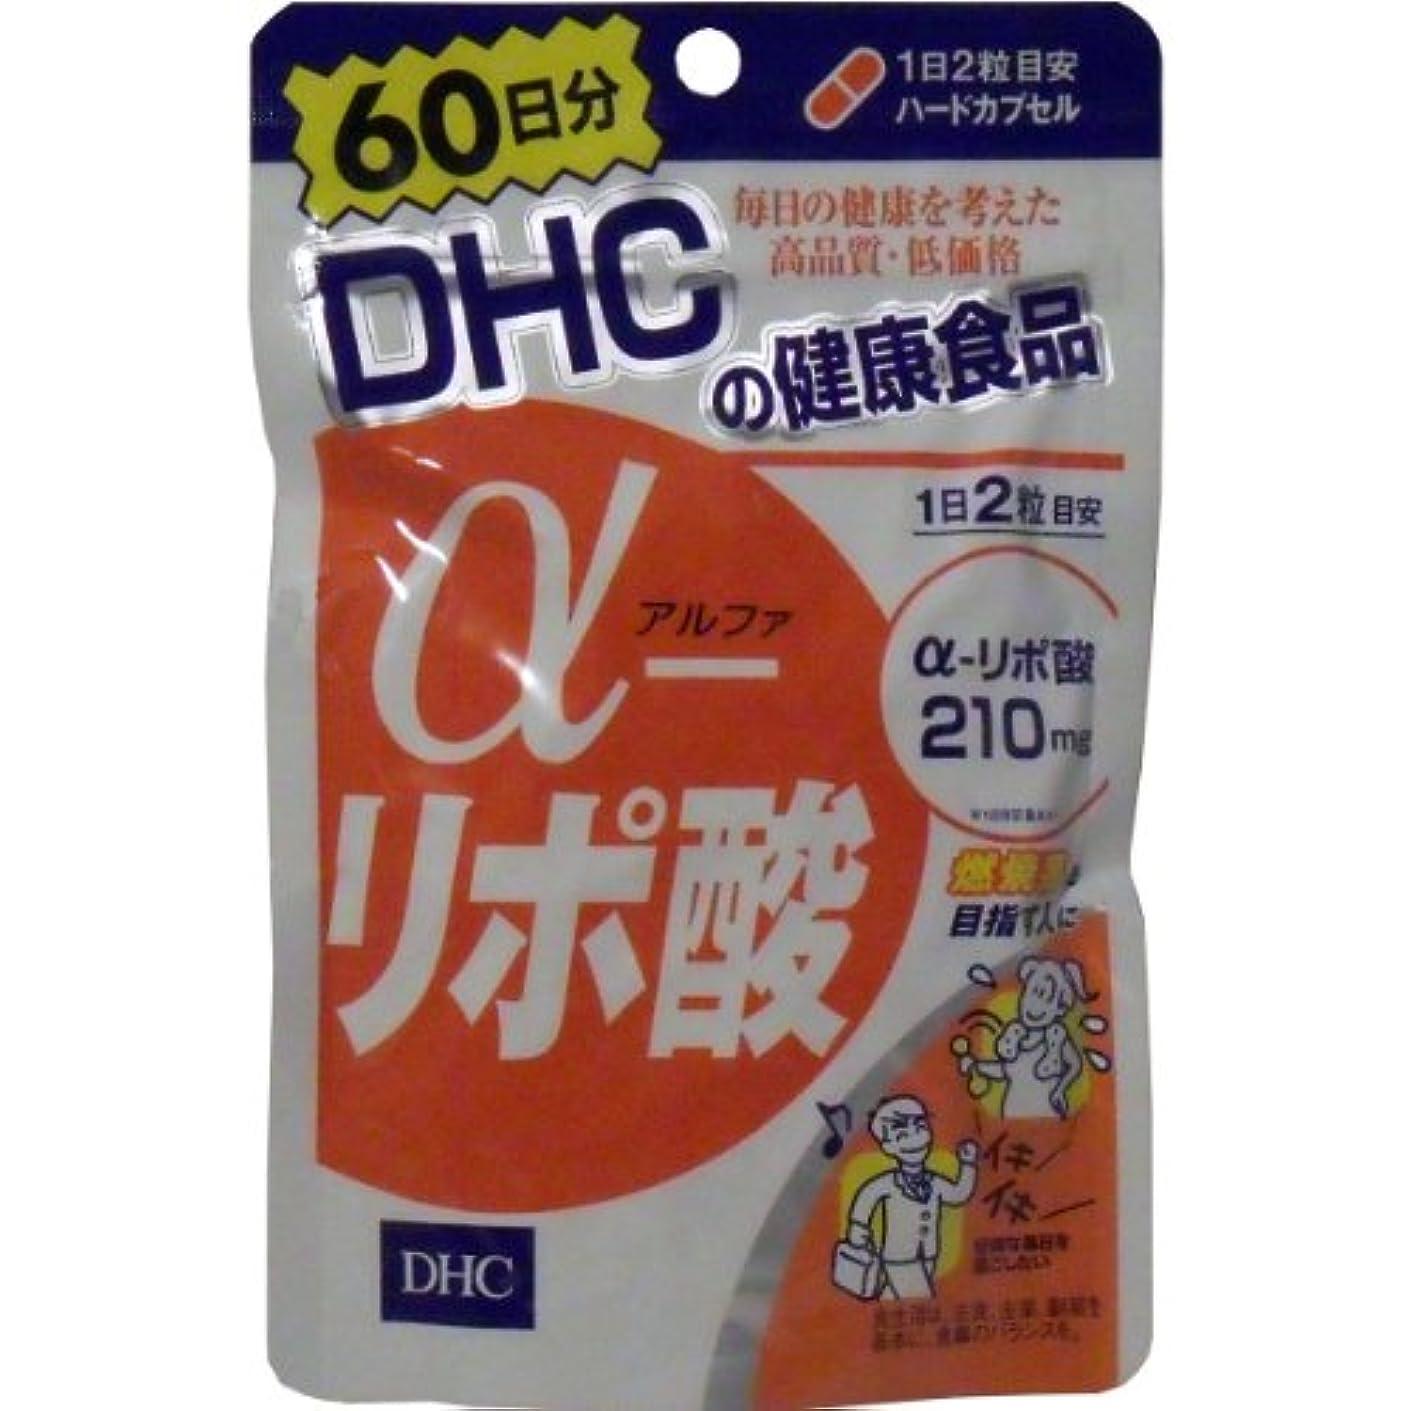 モルヒネカビプラットフォームDHC α-リポ酸60日分 120粒×3個セット